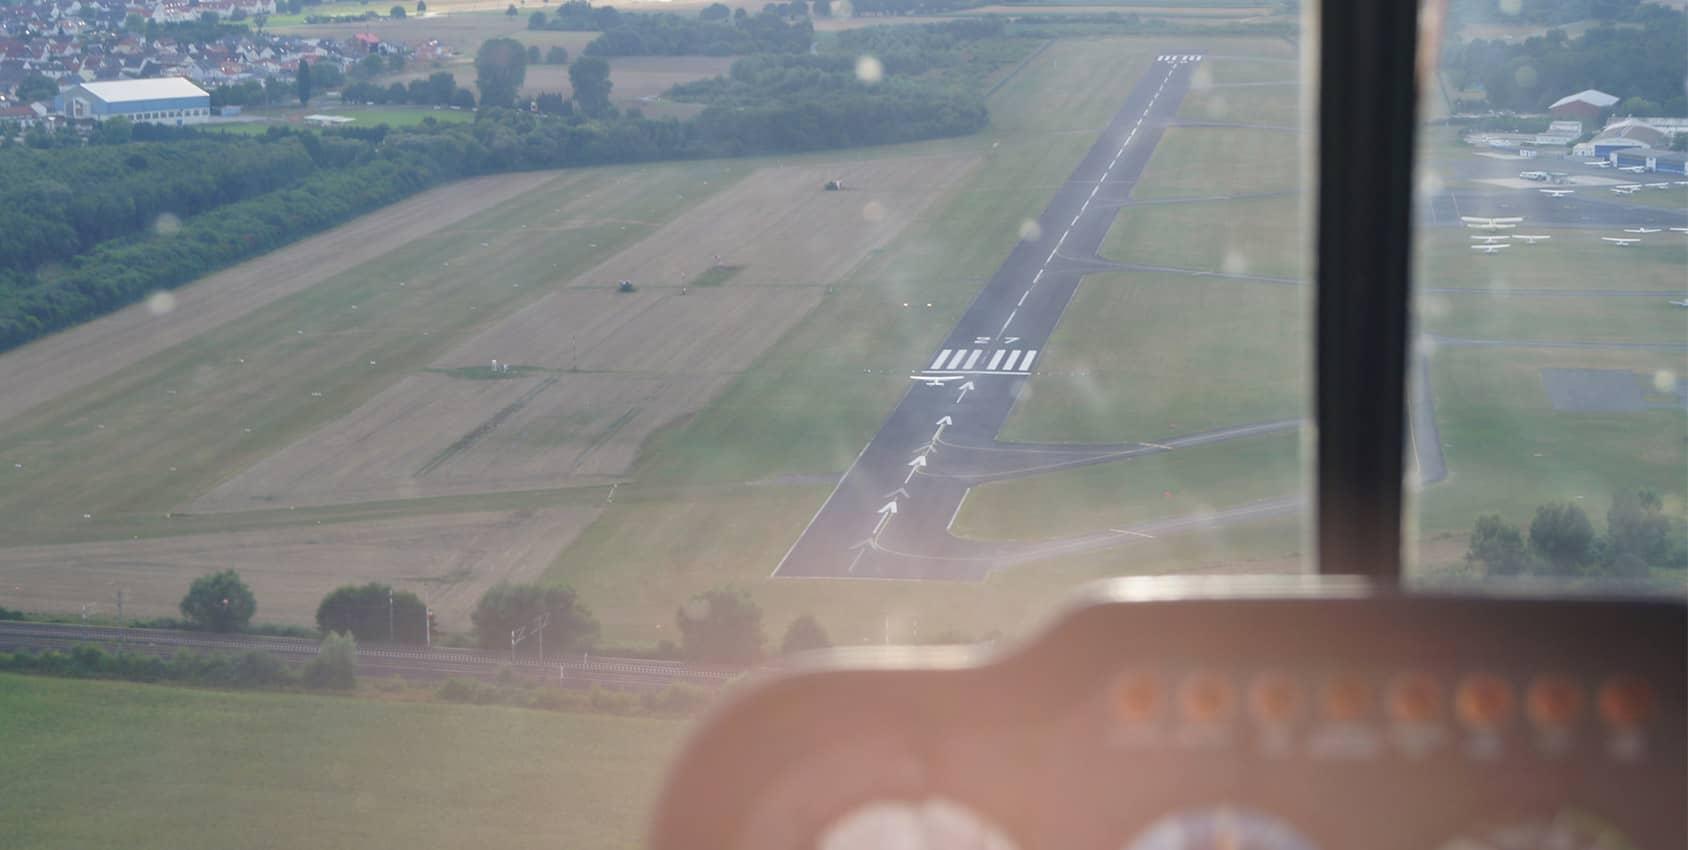 Atterrissage sur un aérodrome